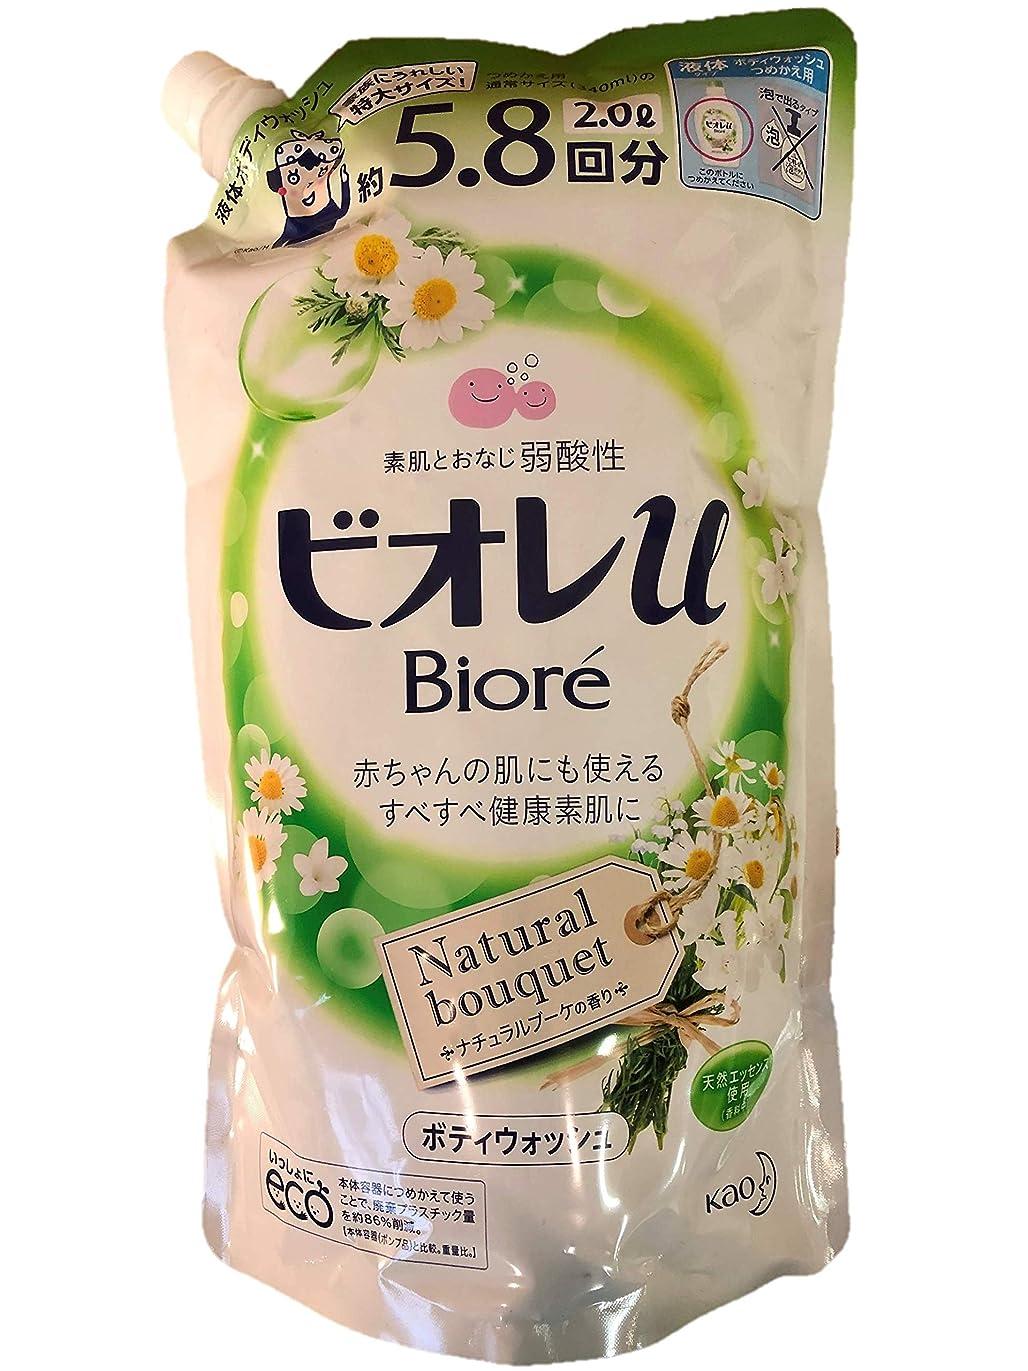 卵の頭の上同封する【大容量】ビオレu 詰め替え用 ナチュラルブーケの香り 5.8回分 2L